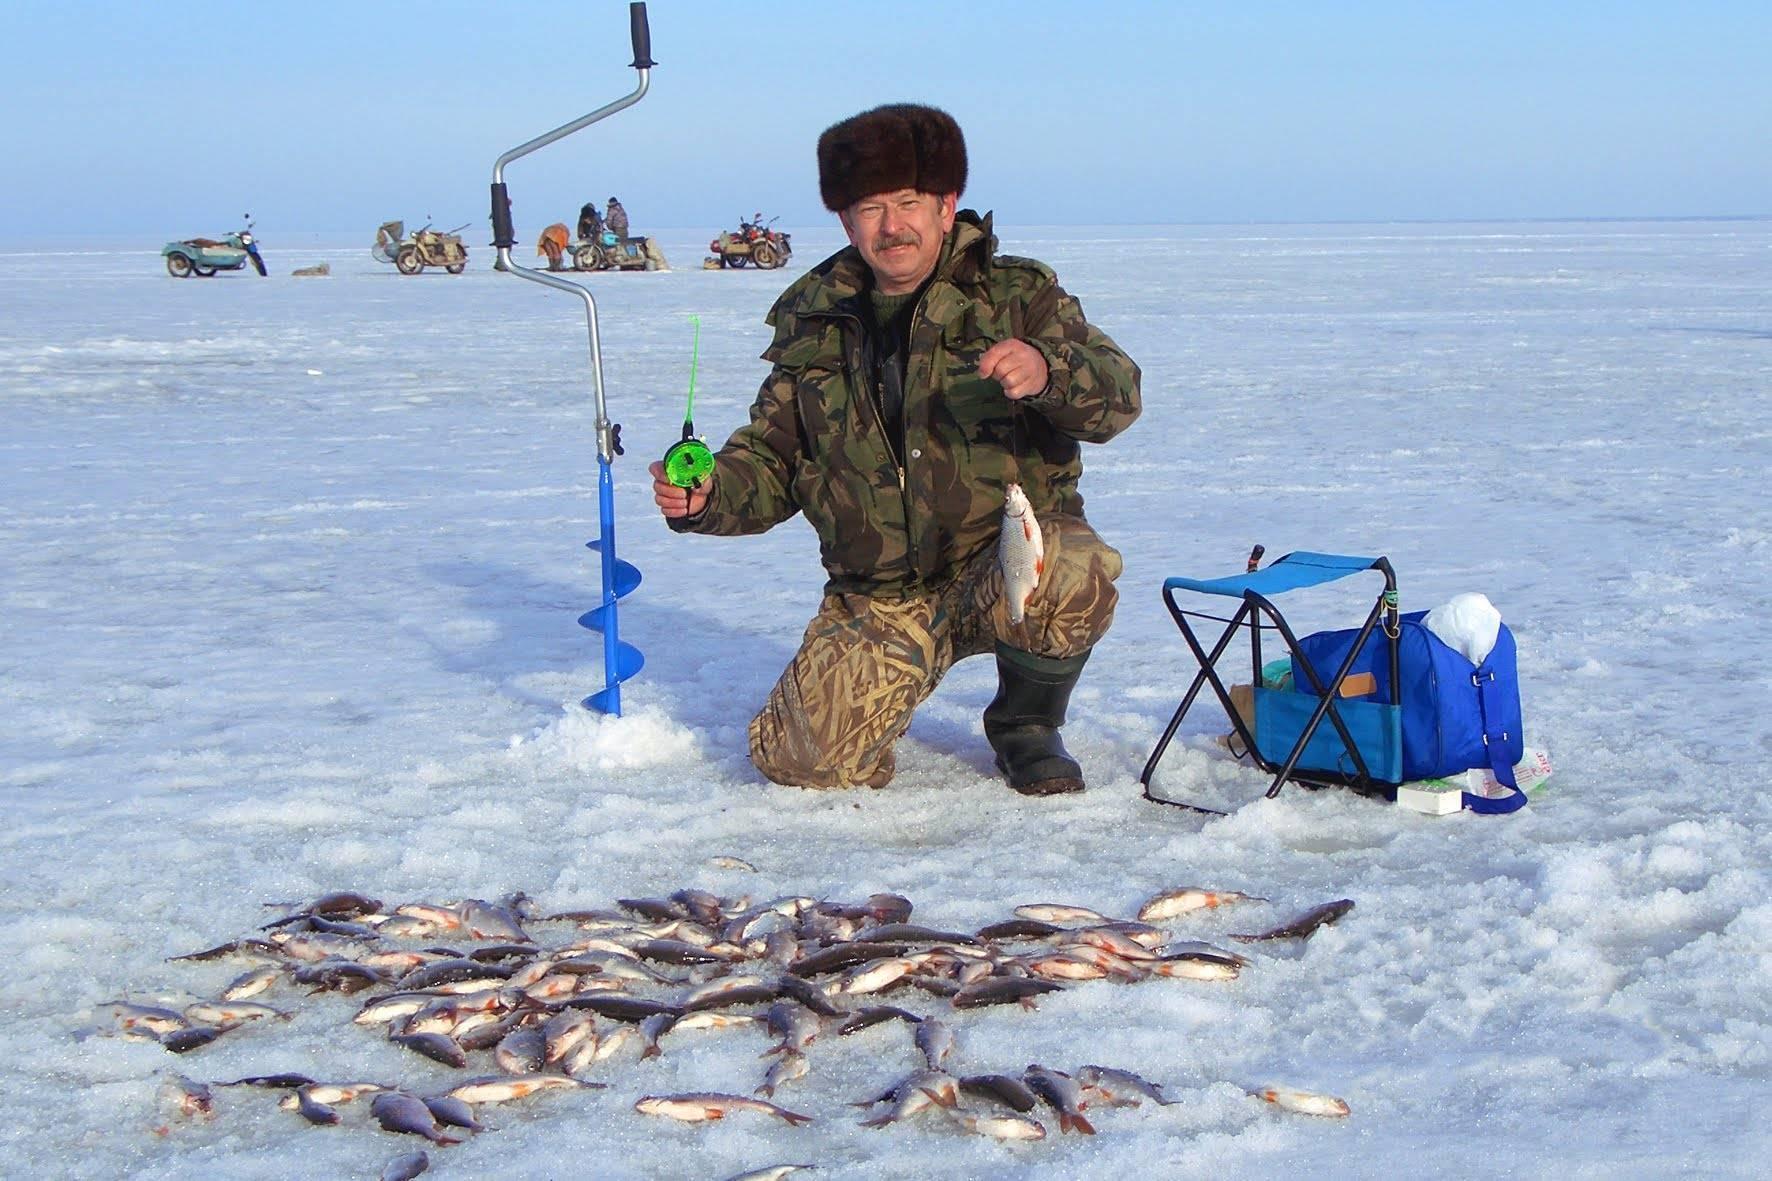 Рыбалка на имандре зимой и летом: все что нужно знать рыболову!